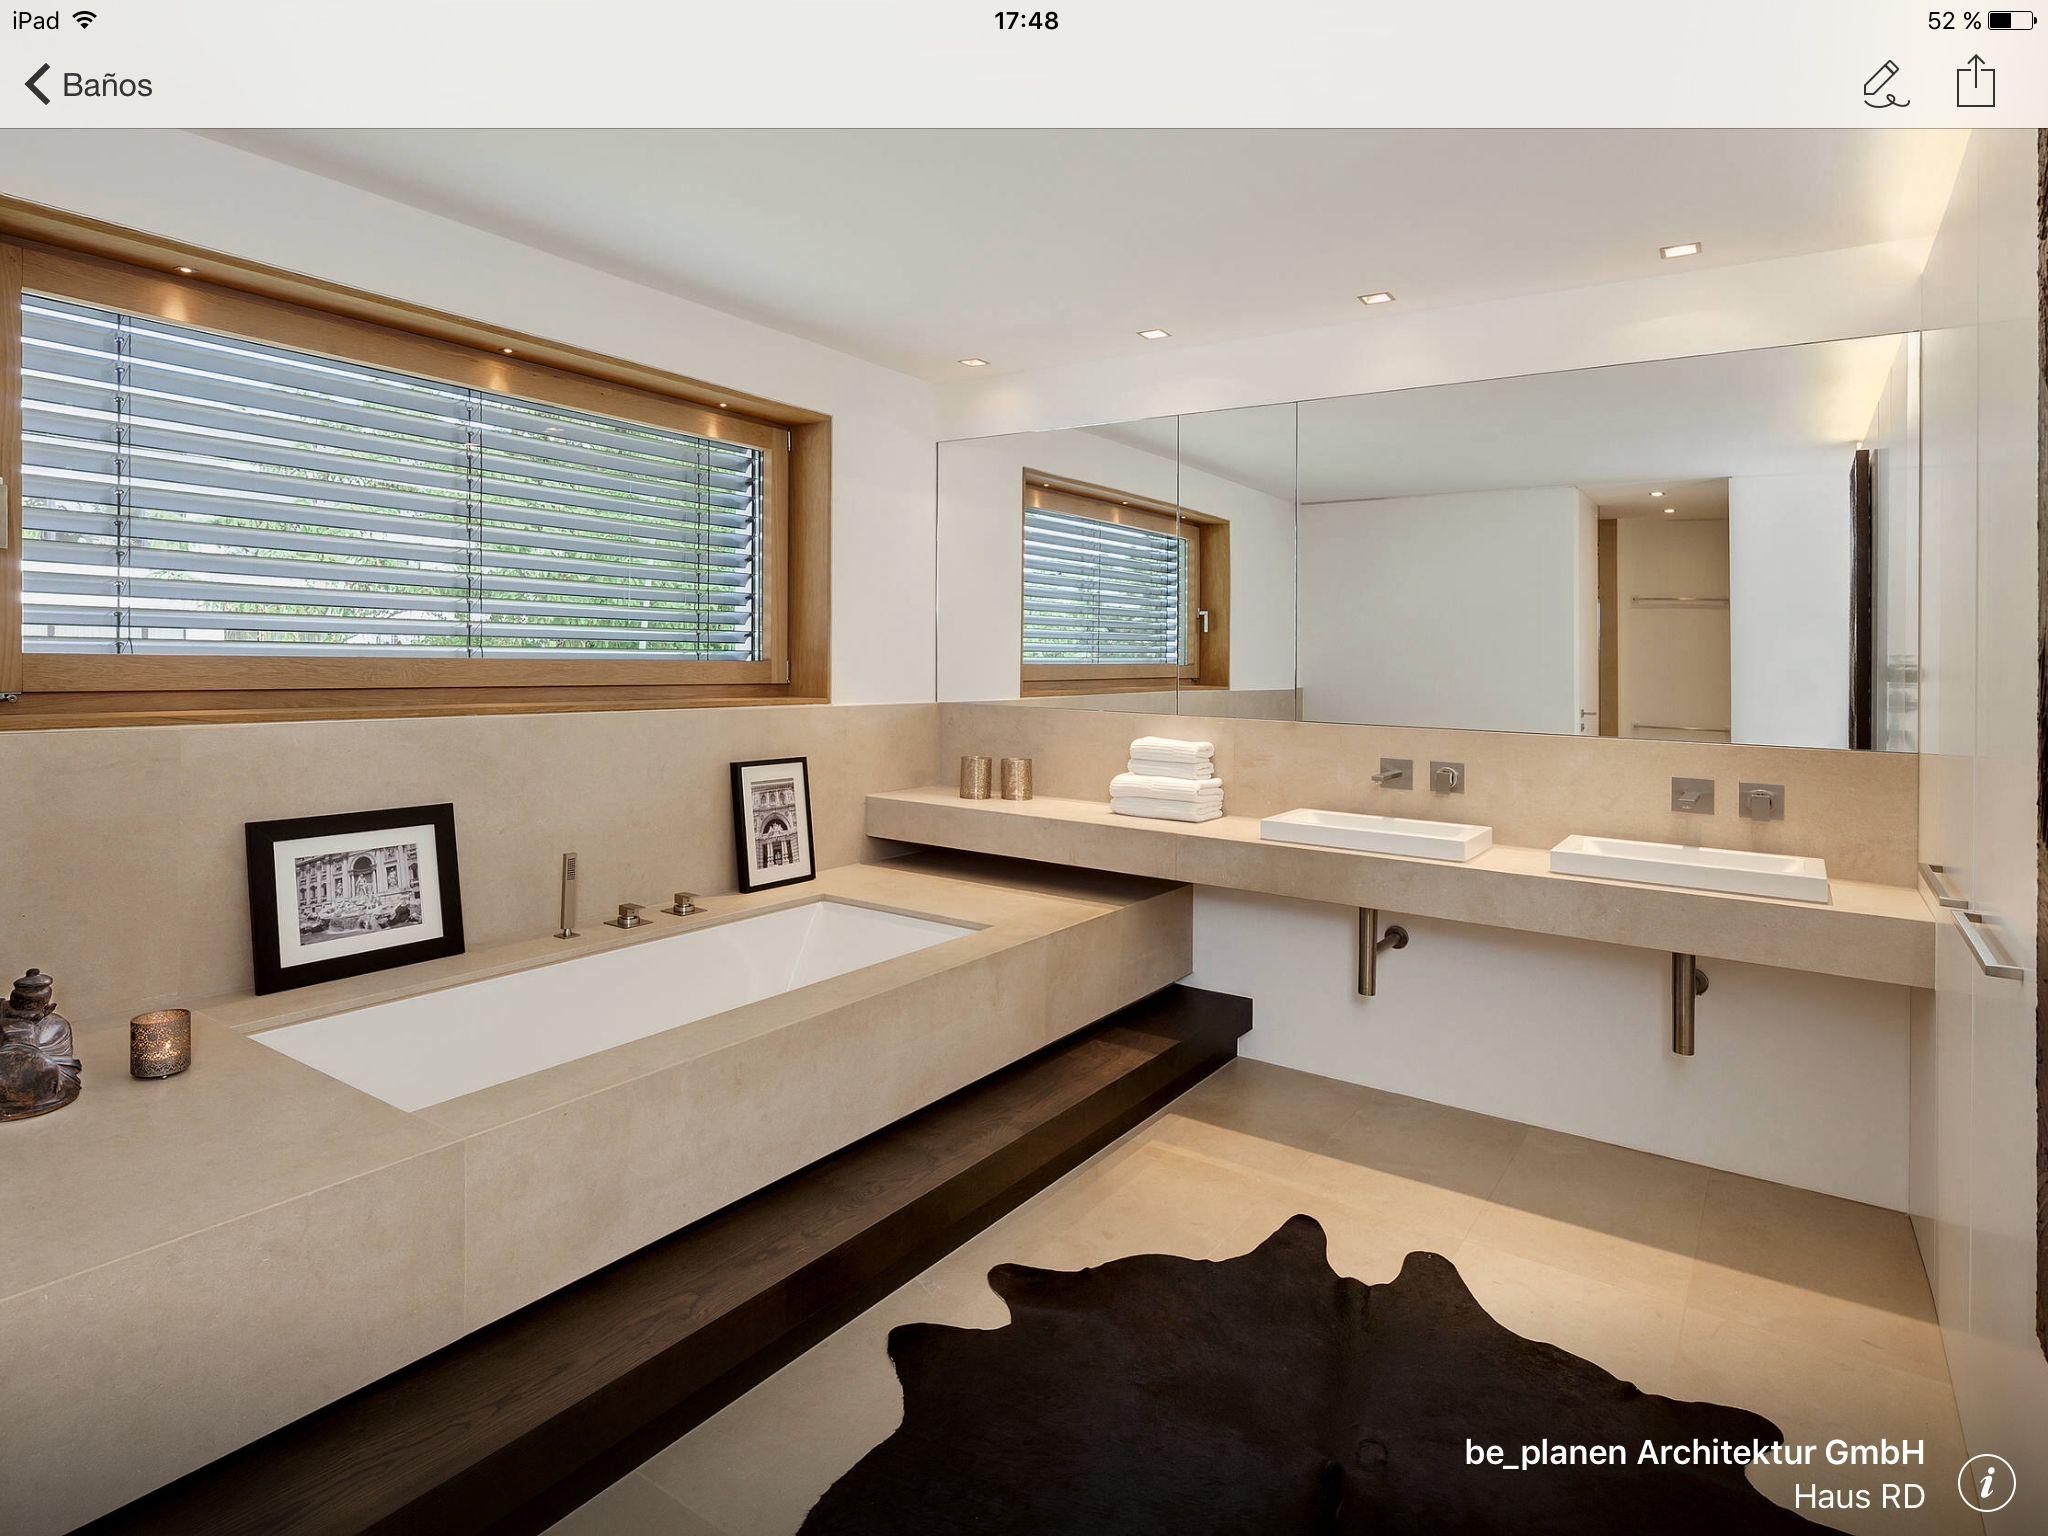 Bañera encastrada con una encimara muy grande   Baños ...